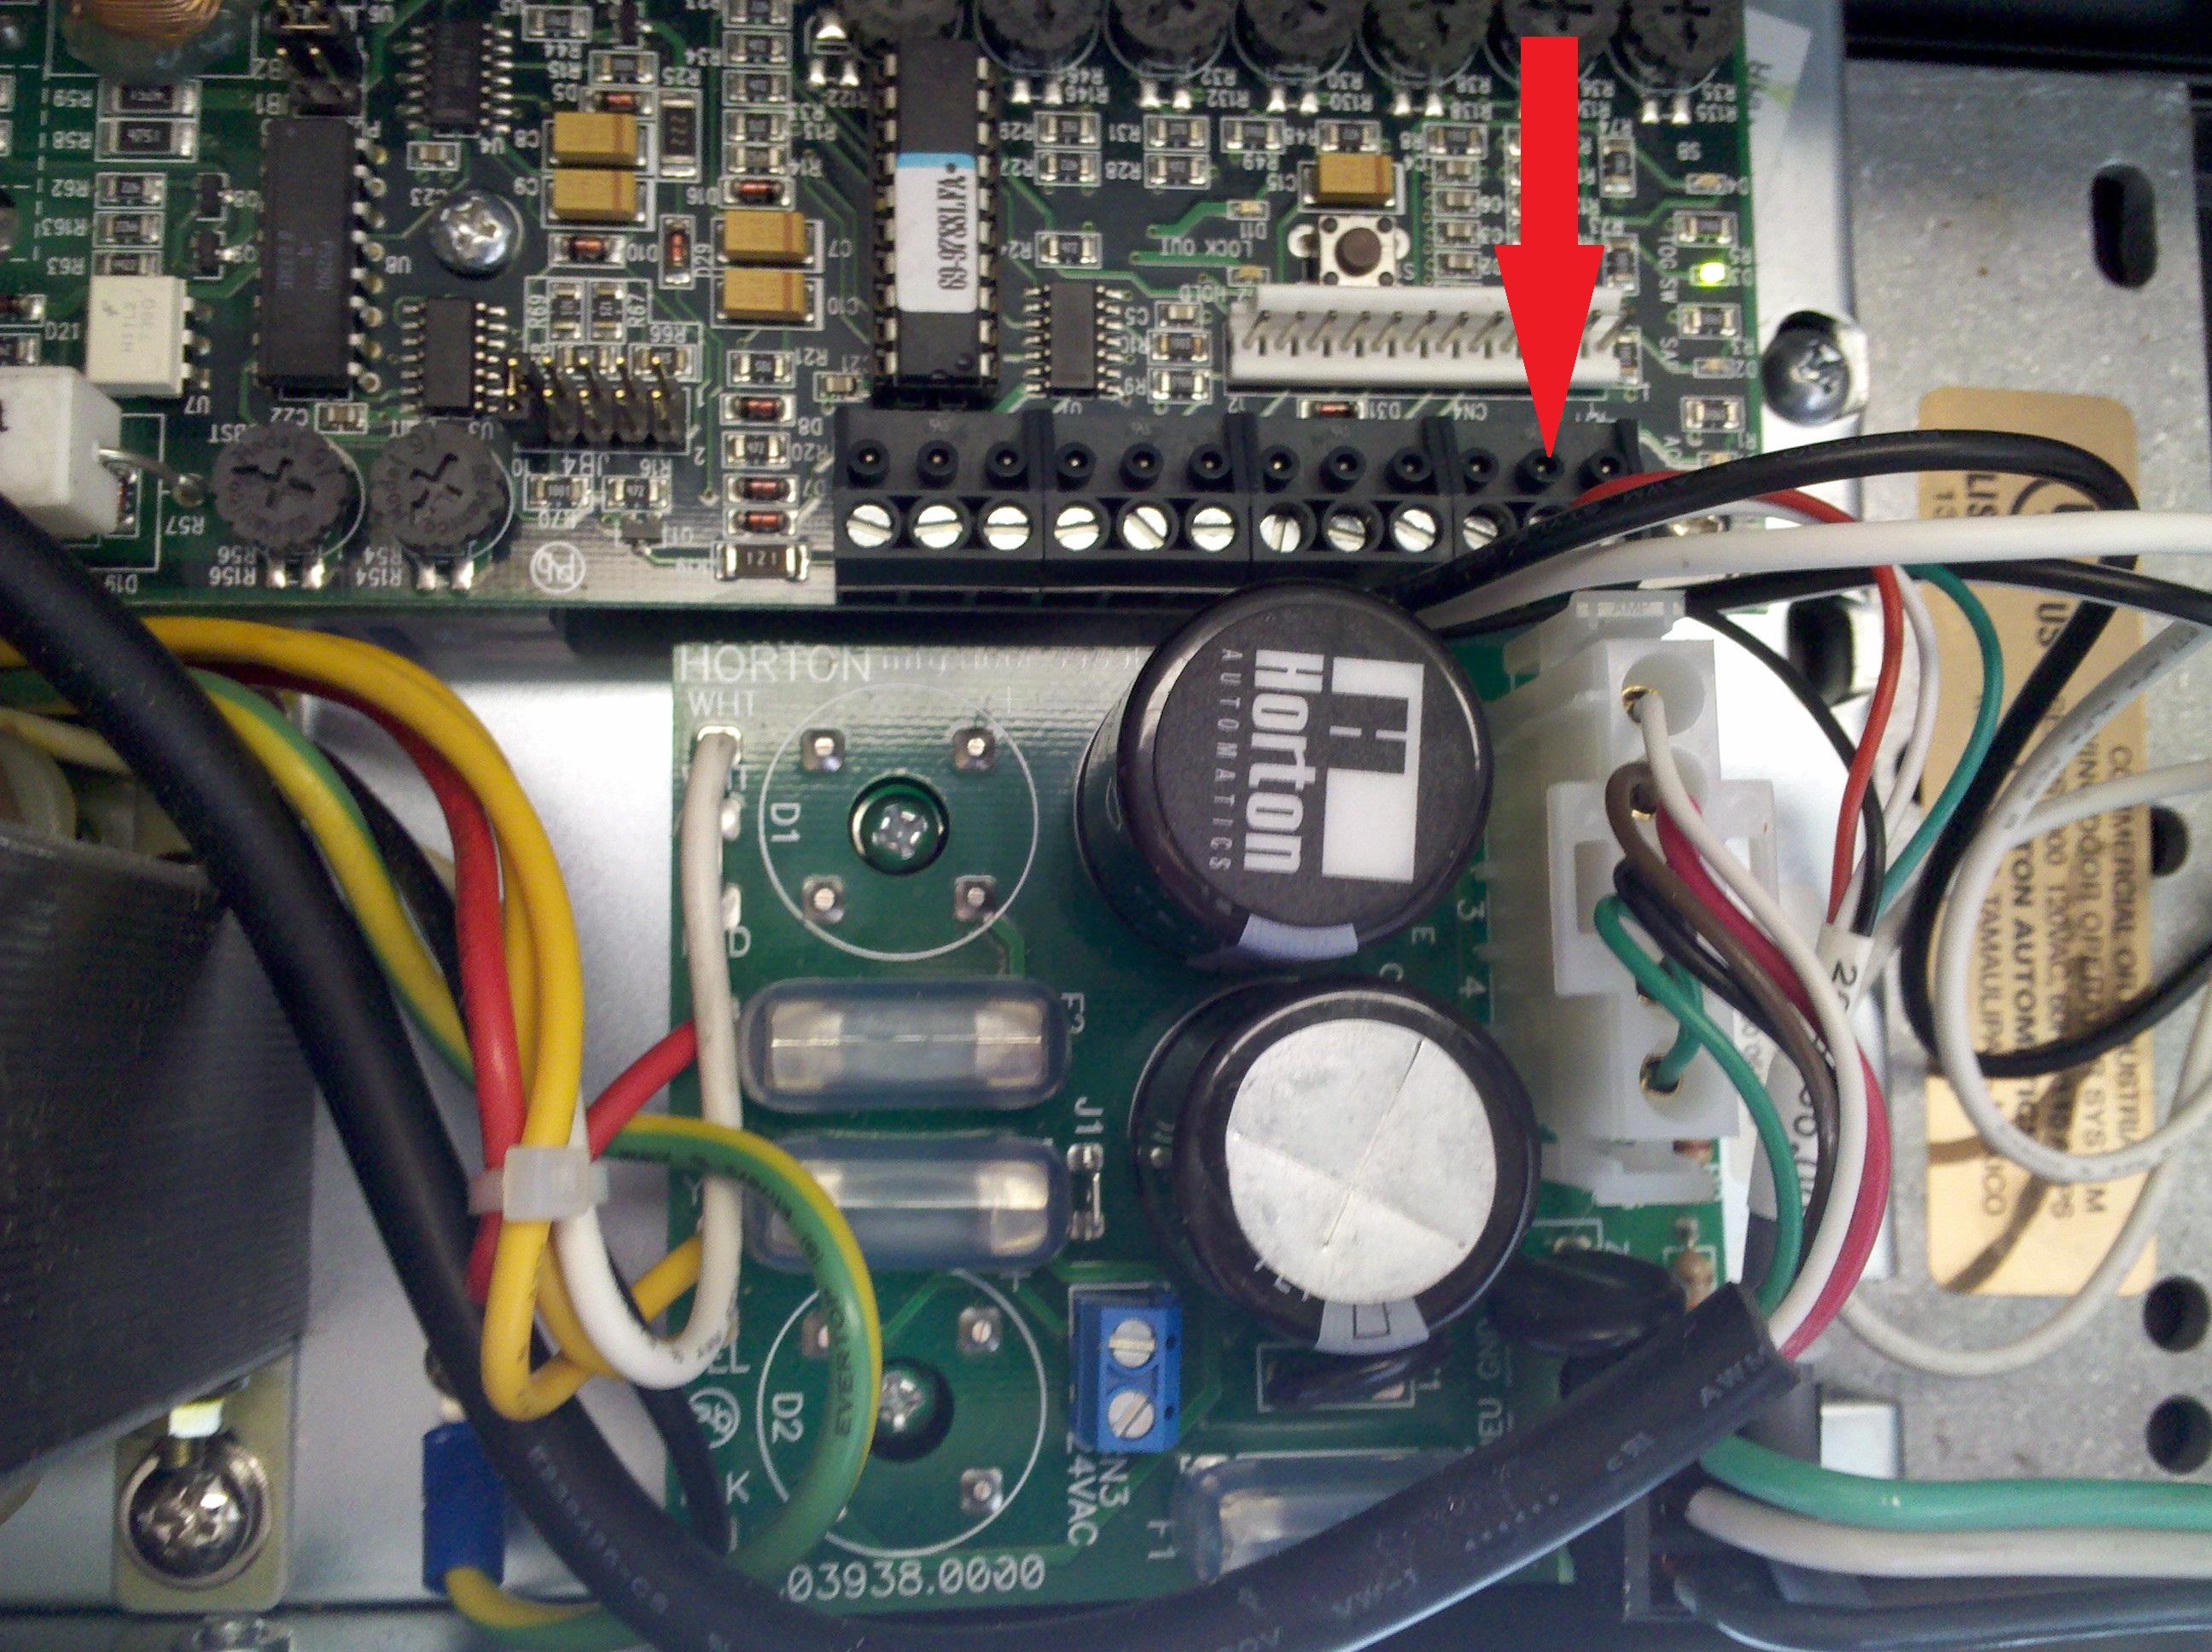 horton c2150 wiring diagram 2006 dodge ram 1500 door opener repair scheme